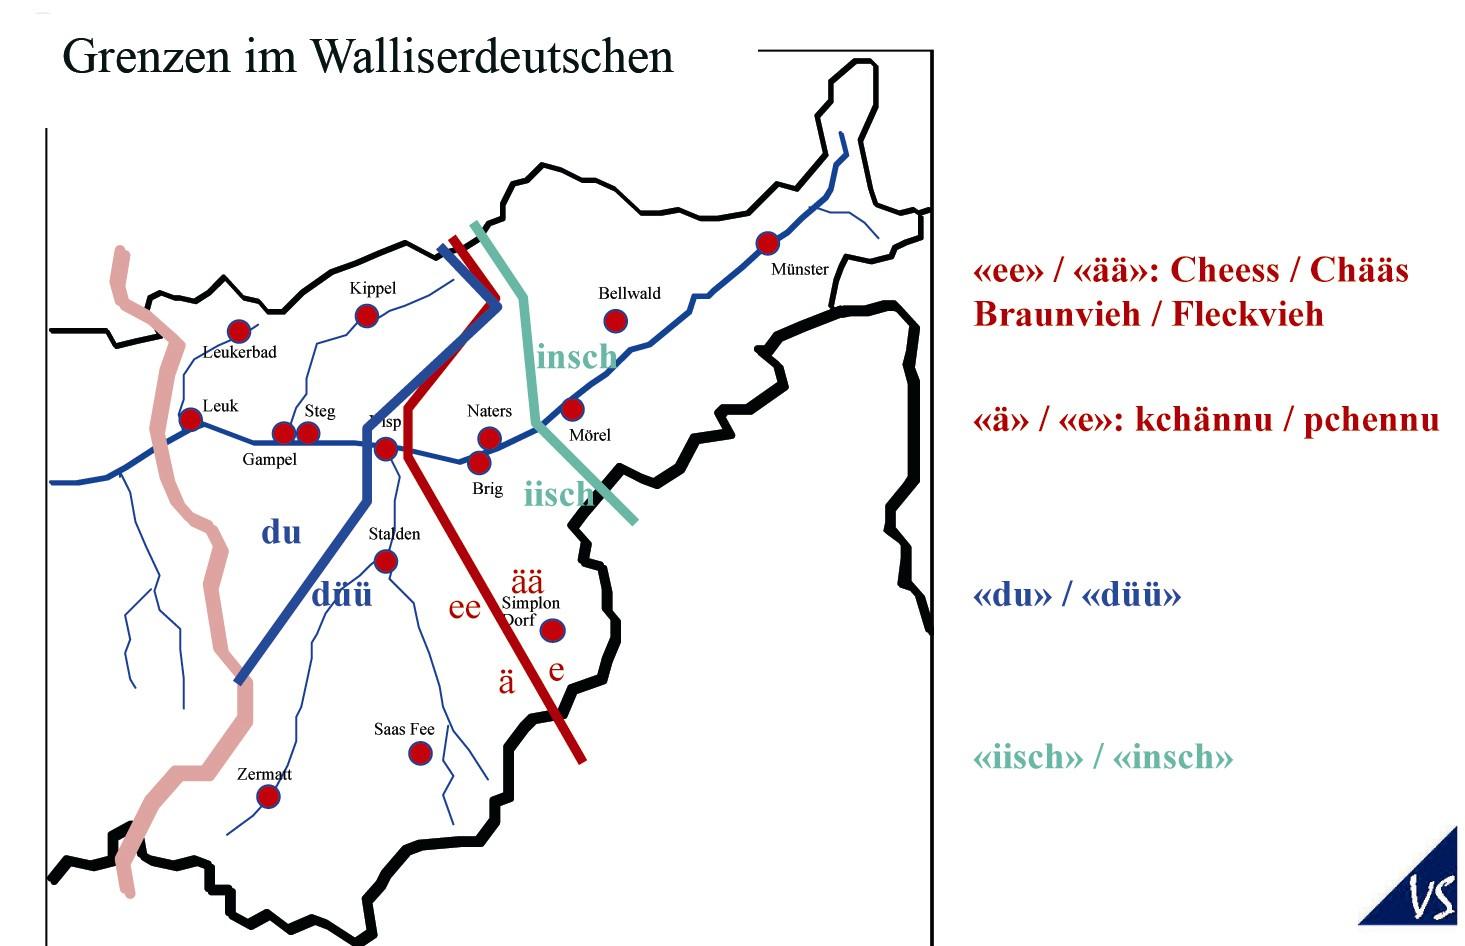 Grenzen im Walliserdeutschen